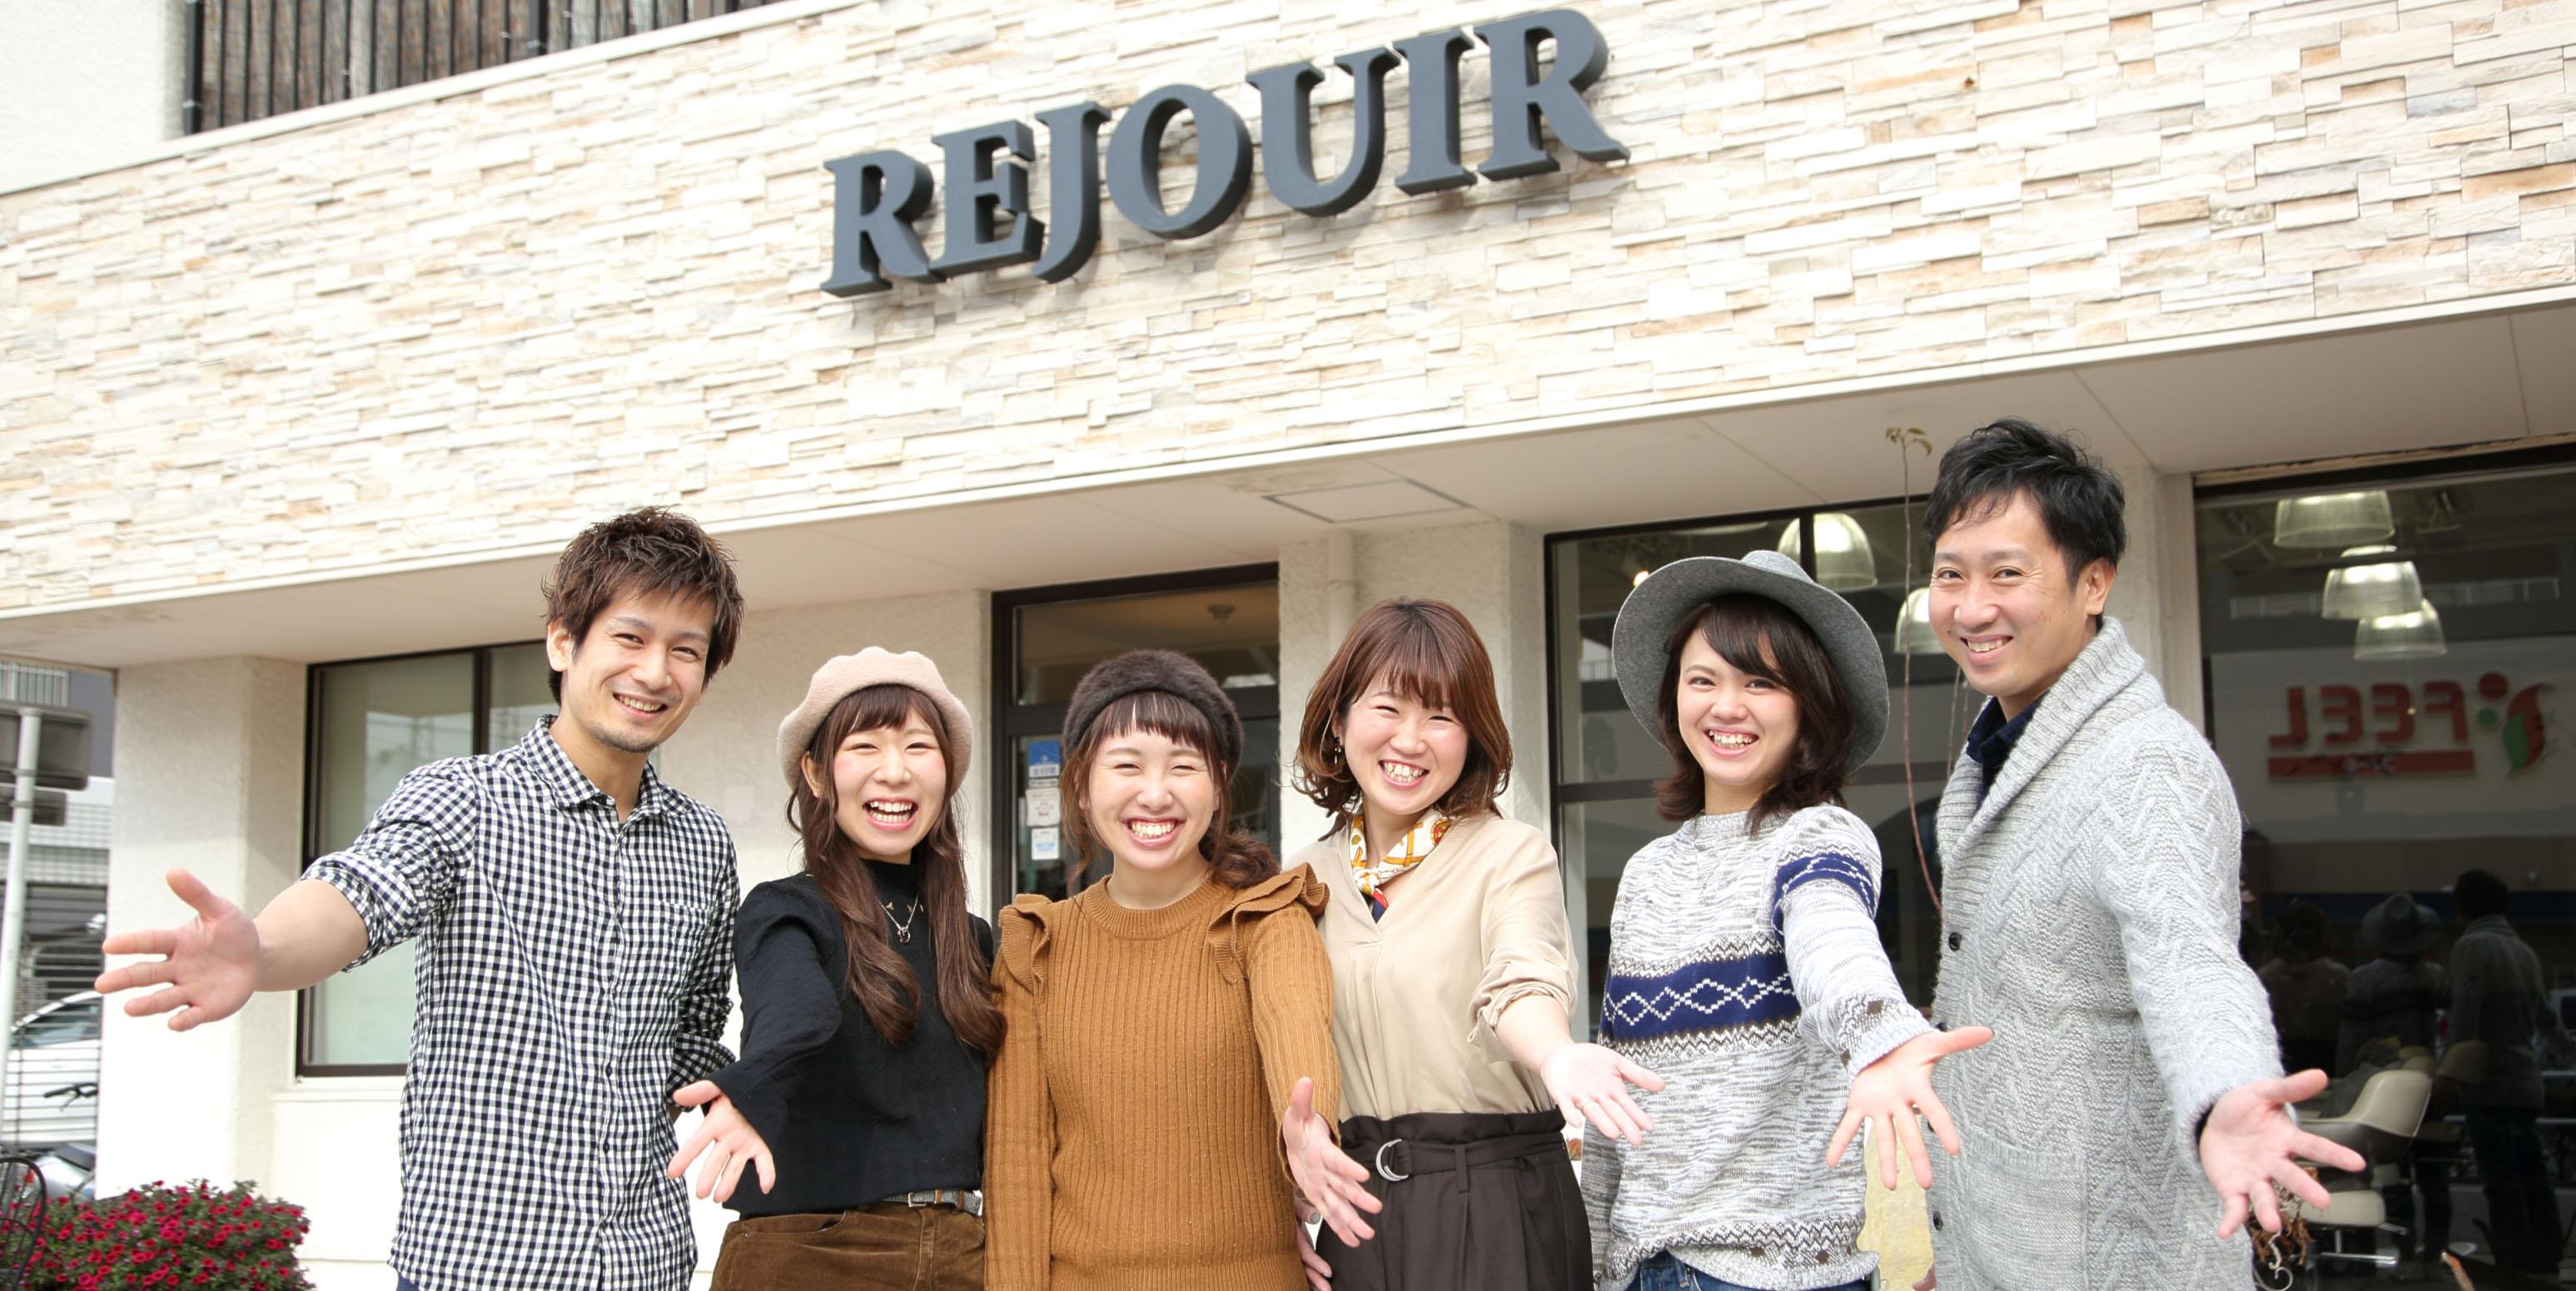 リジェール 高辻店/教育サロン、ママ美容師店舗、選べる職種…。選択肢を多様に揃えて、長く働けるサロンに。